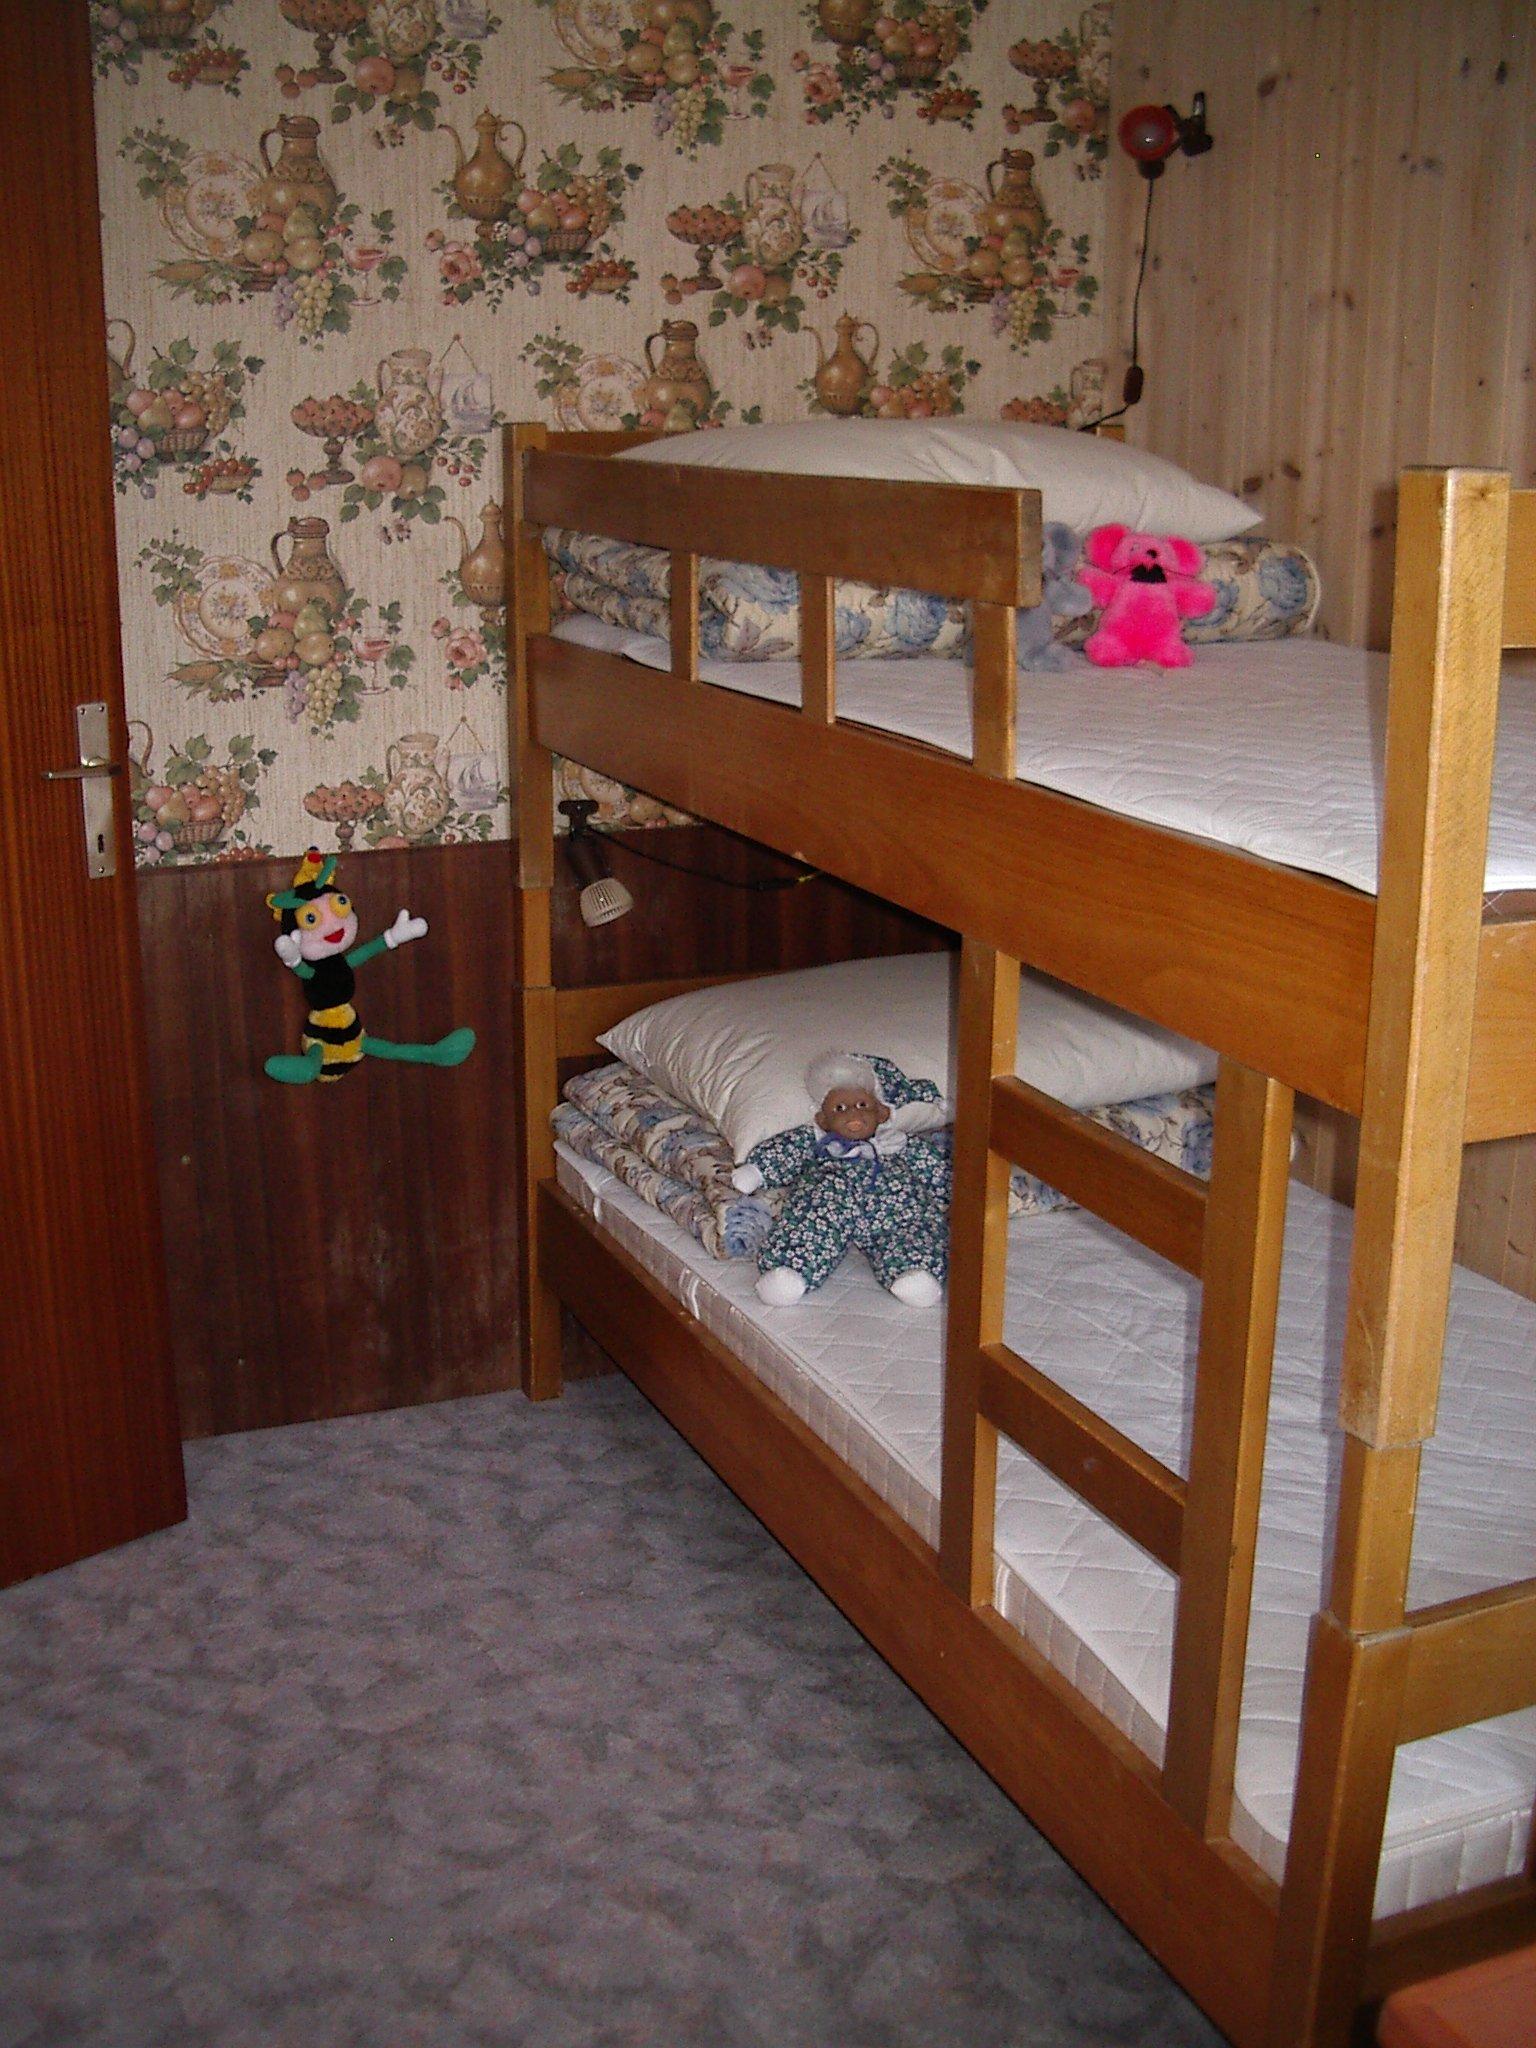 Kinderetagenbett2